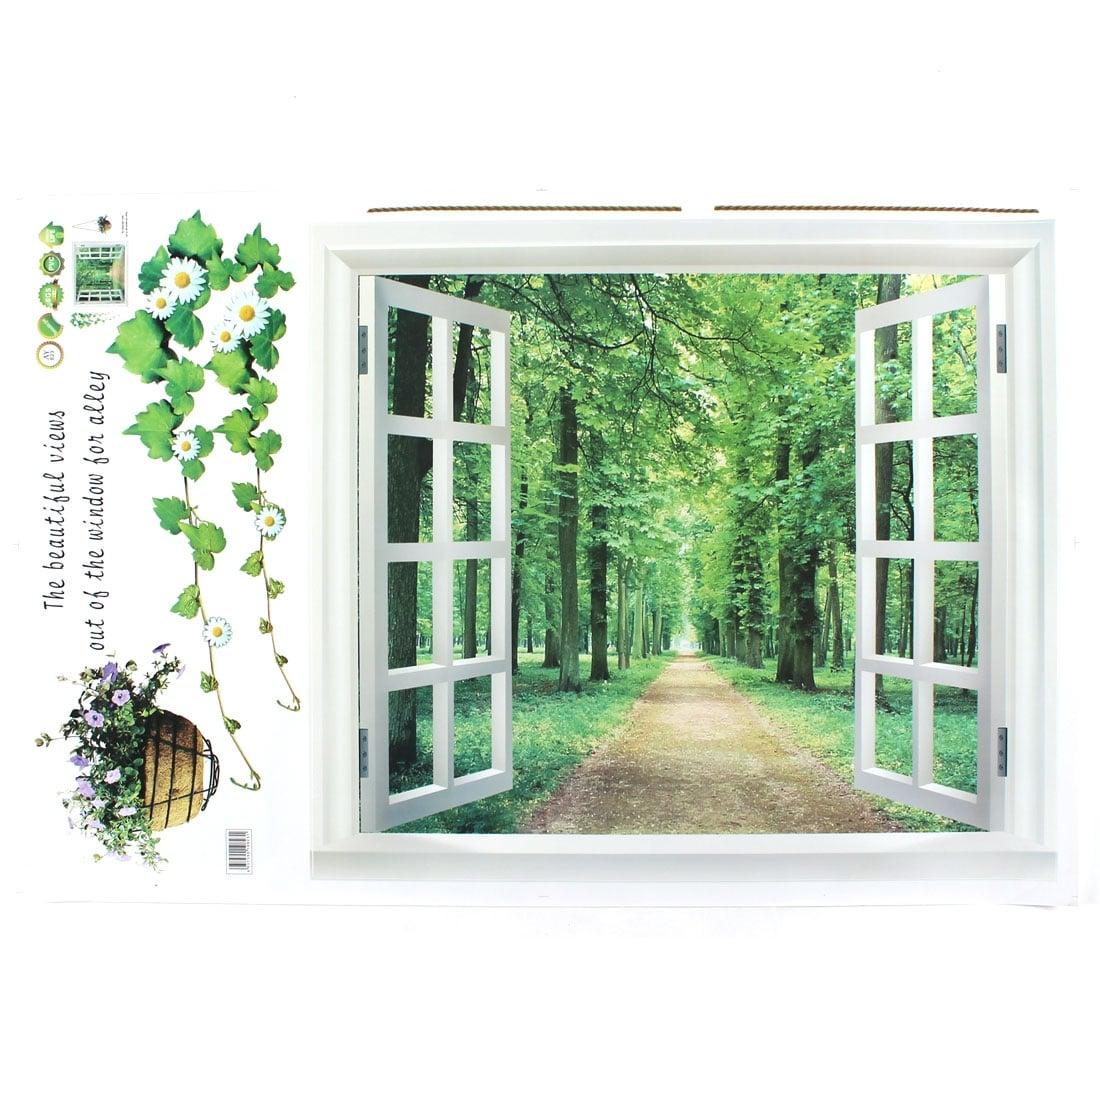 Beautiful Garden 3D Window View Decal WALL STICKER Home Decor Art Mural